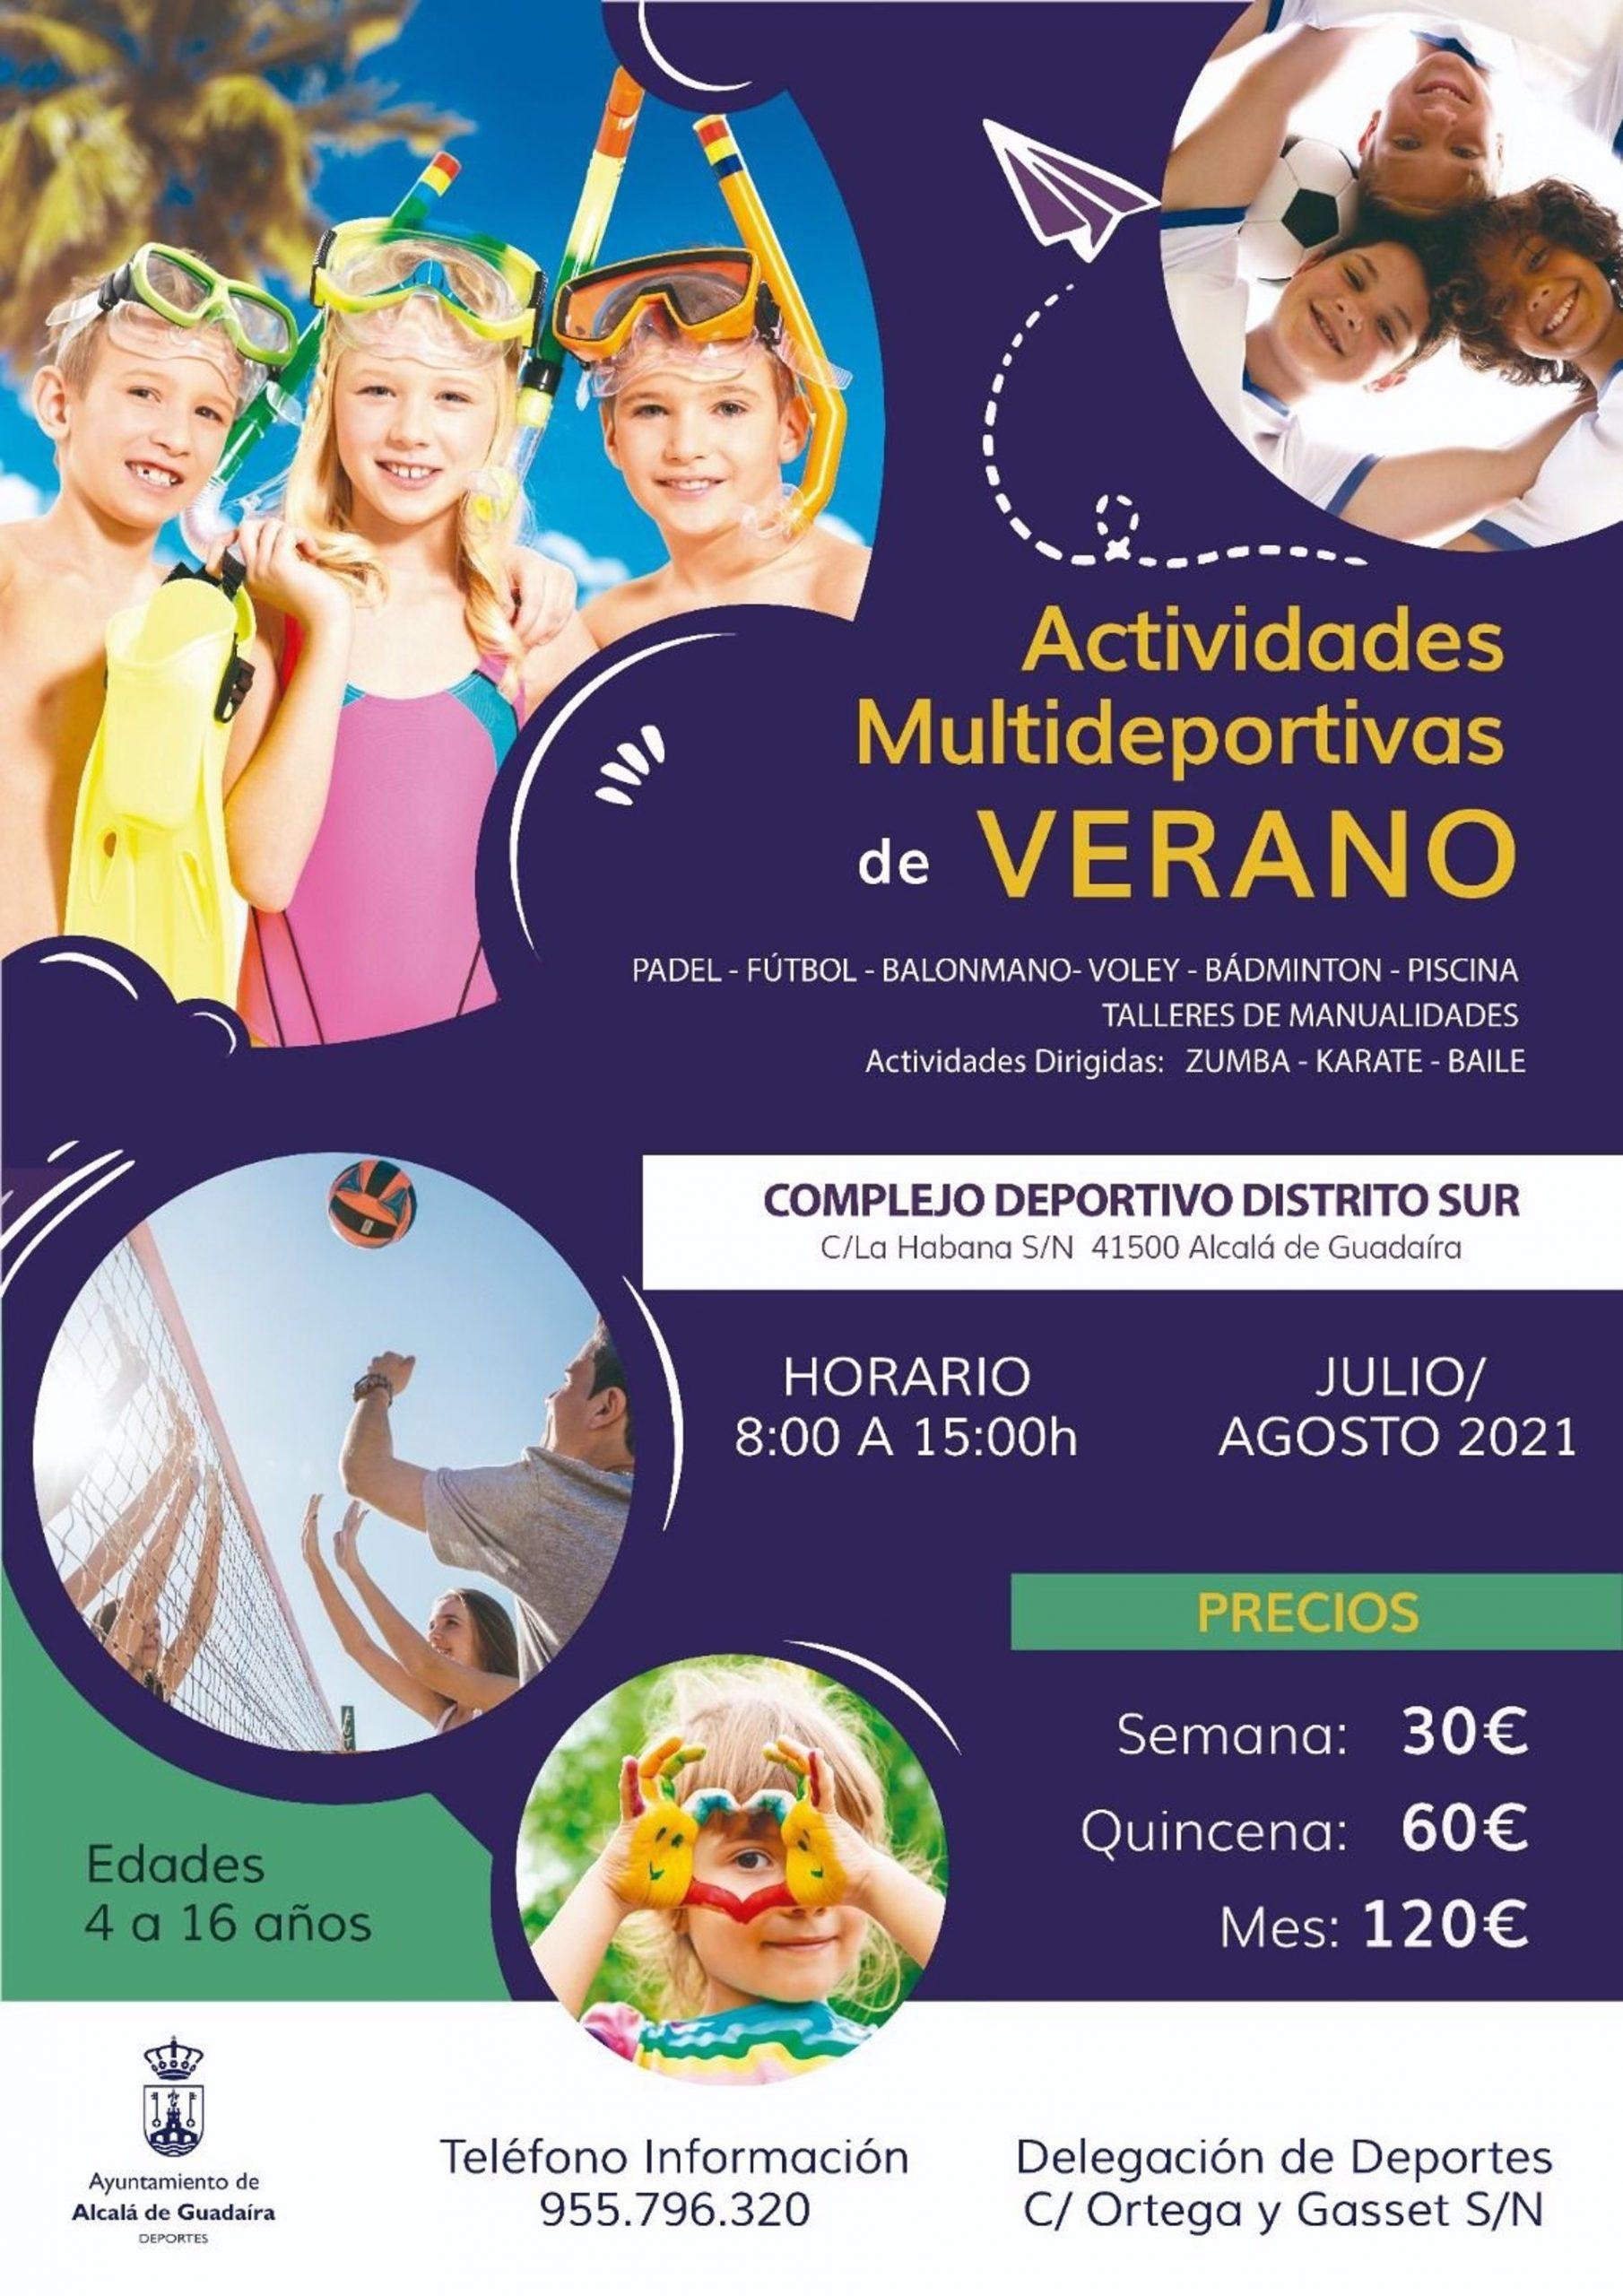 Cartel de las actividades de verano para menores en el Distrito Sur de Alcalá de Guadaíra (Sevilla).